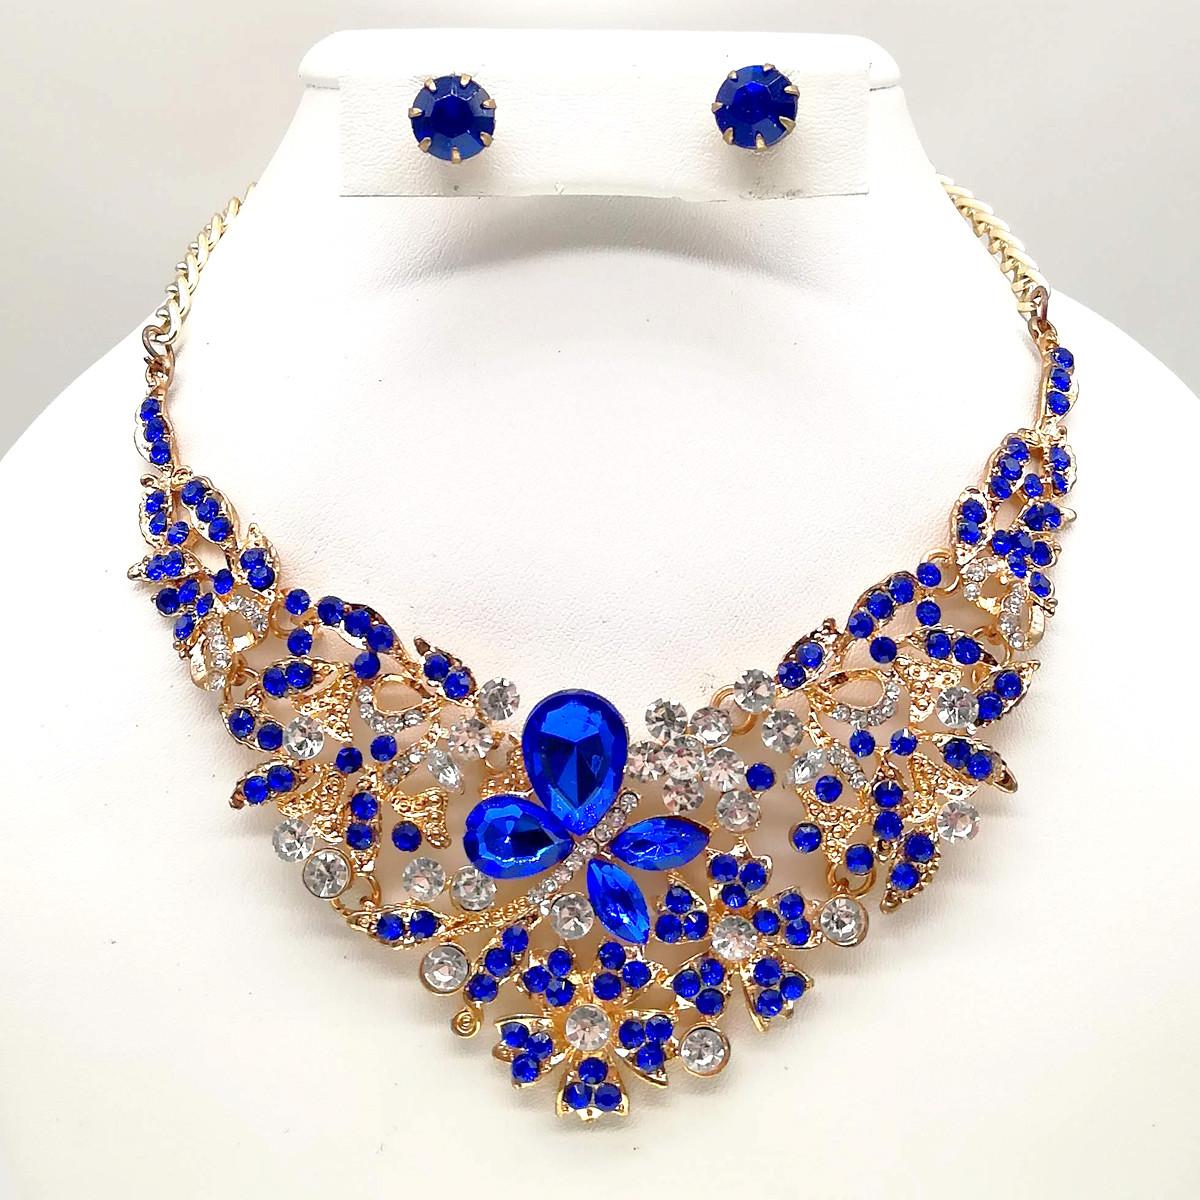 Комплект SONATA (Колье + серьги), синие камни, позолота 18К, 63251                                  (1)